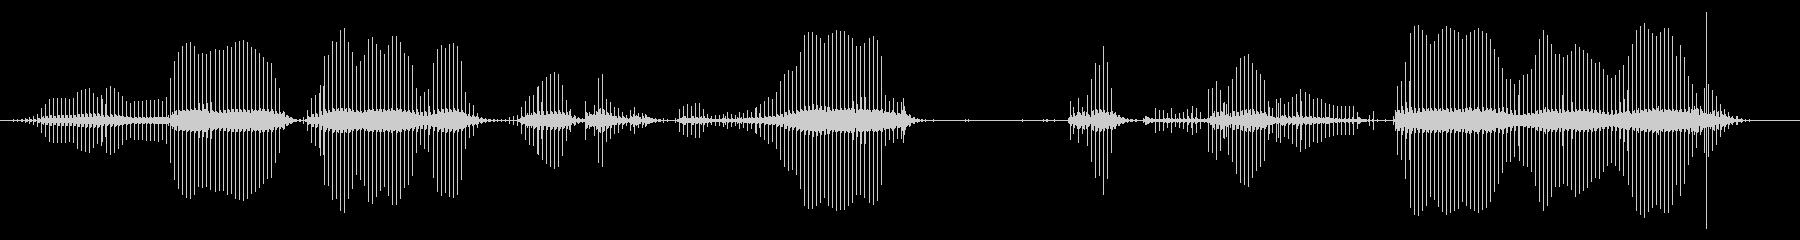 アンプハム:長い壊れた静的バーストの未再生の波形